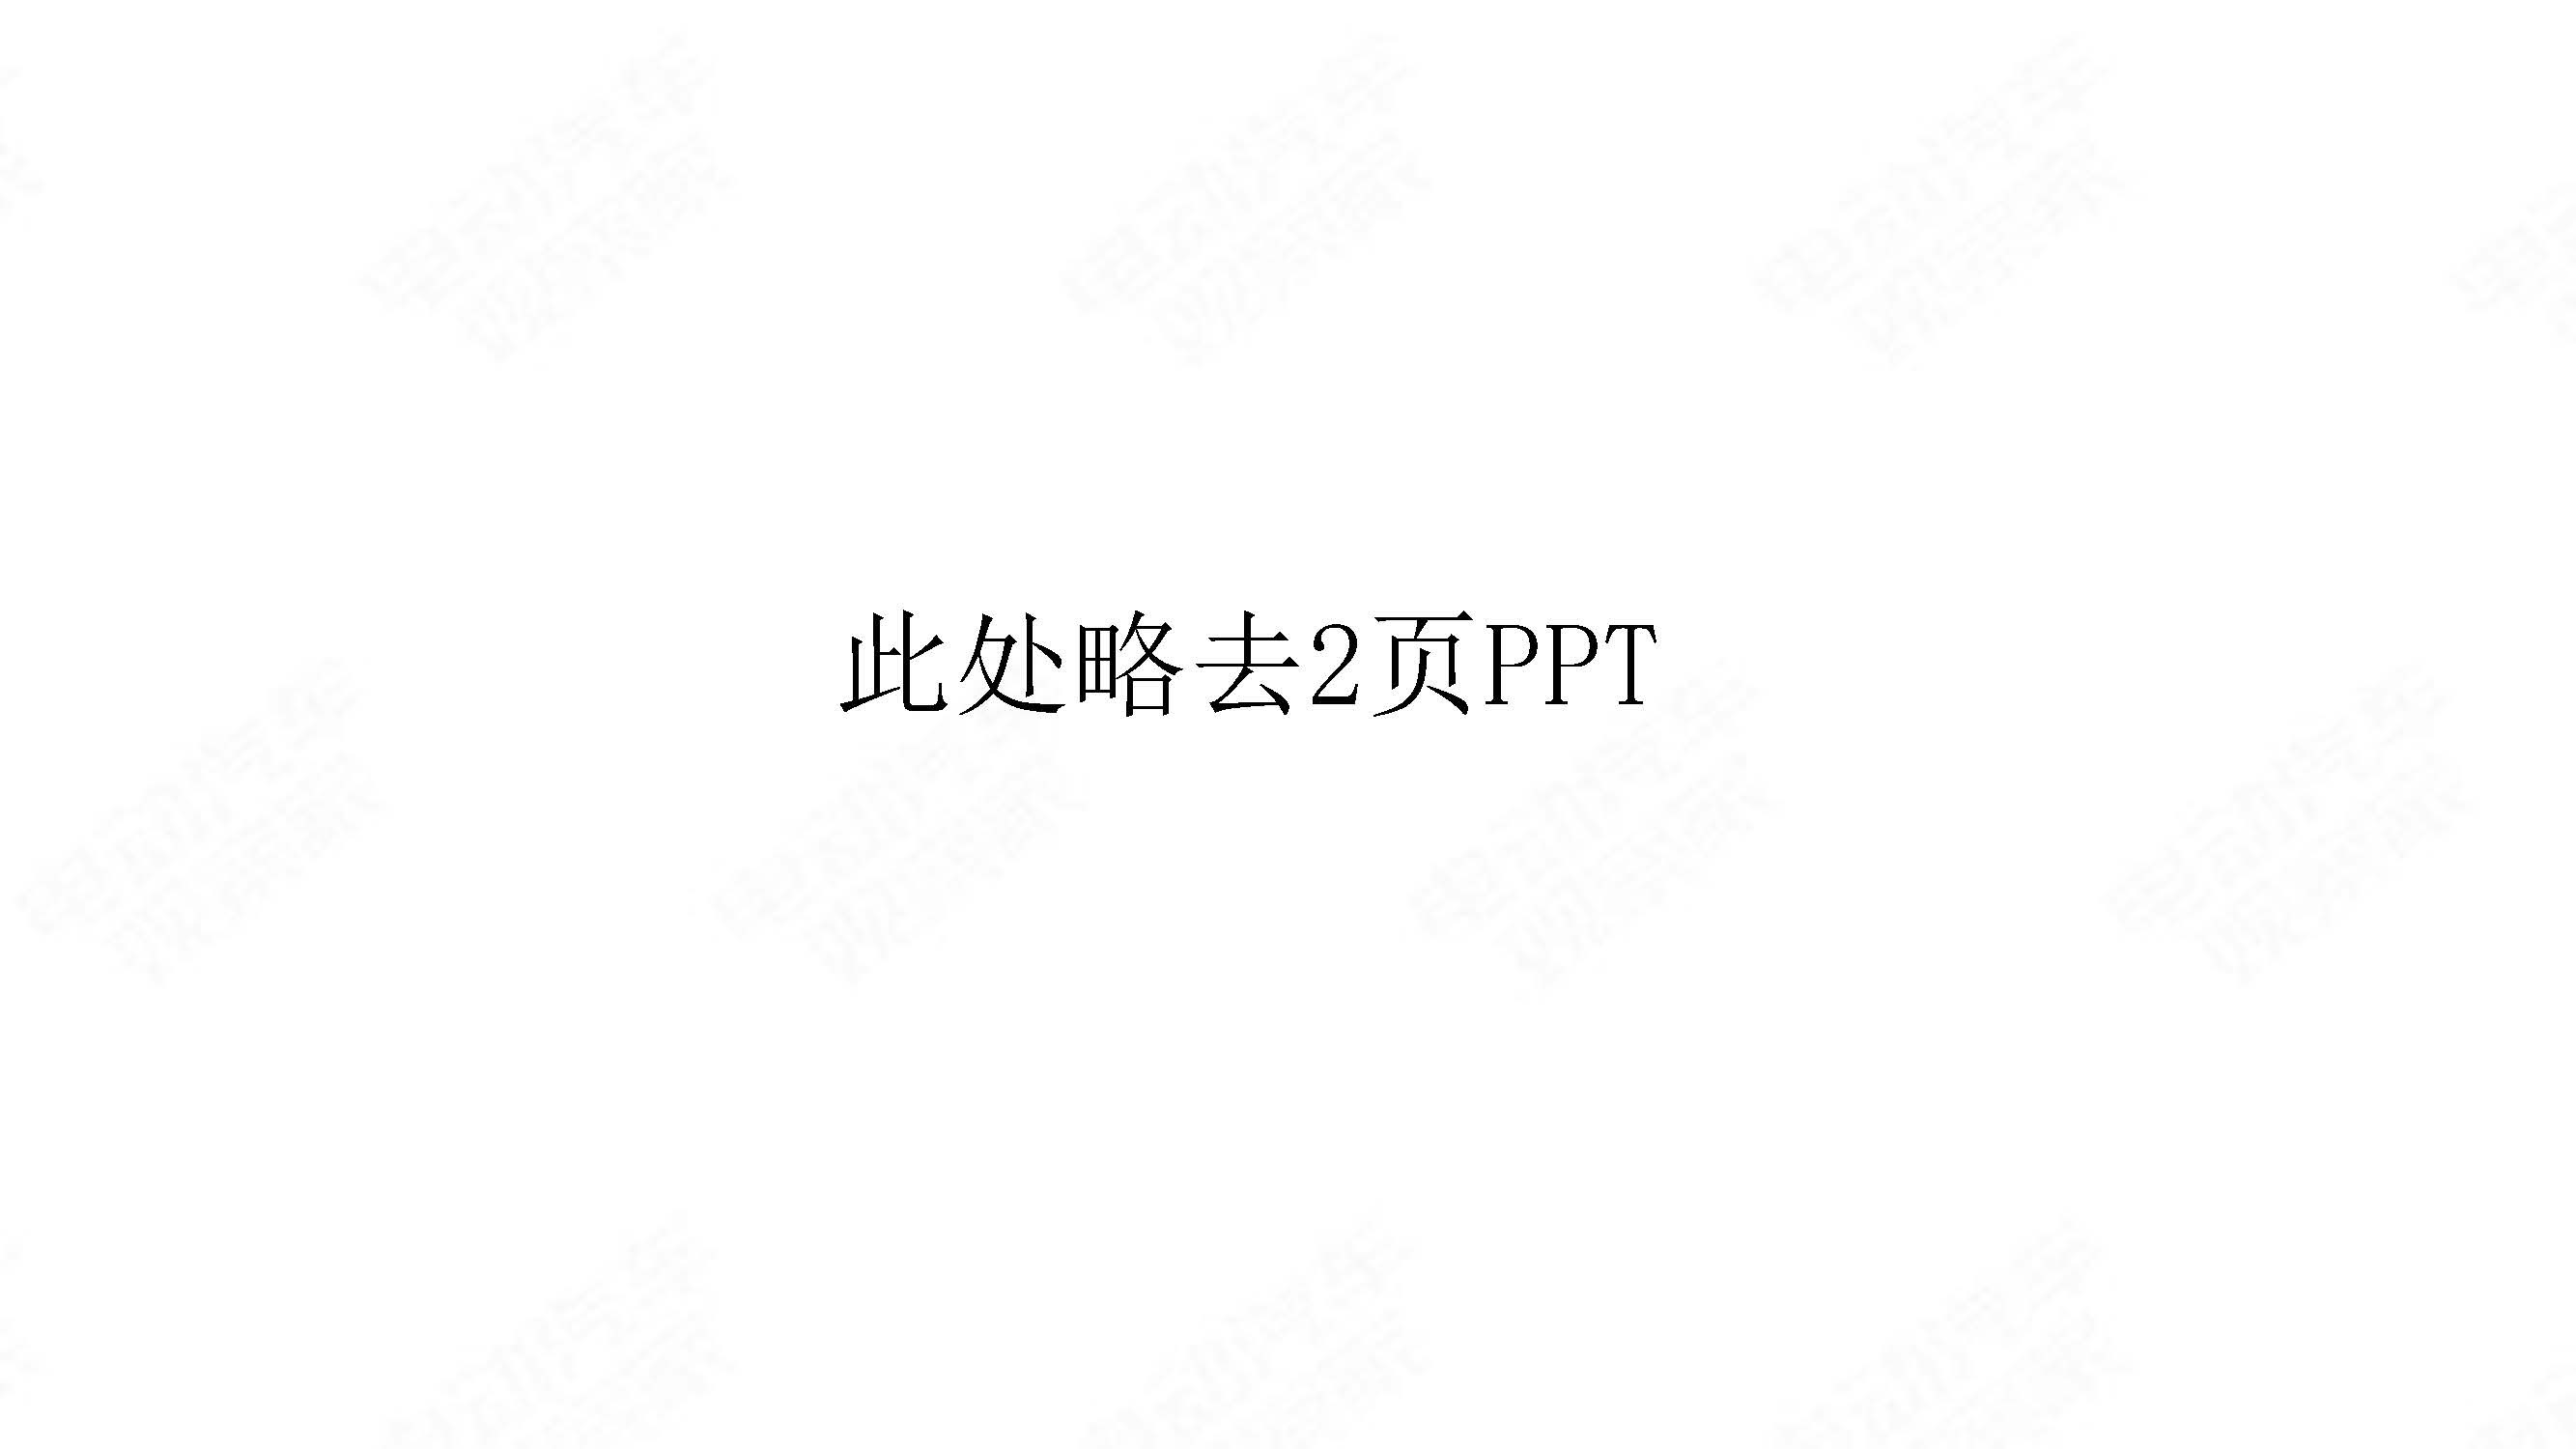 中国新能源汽车产业观察202001简略版_页面_32